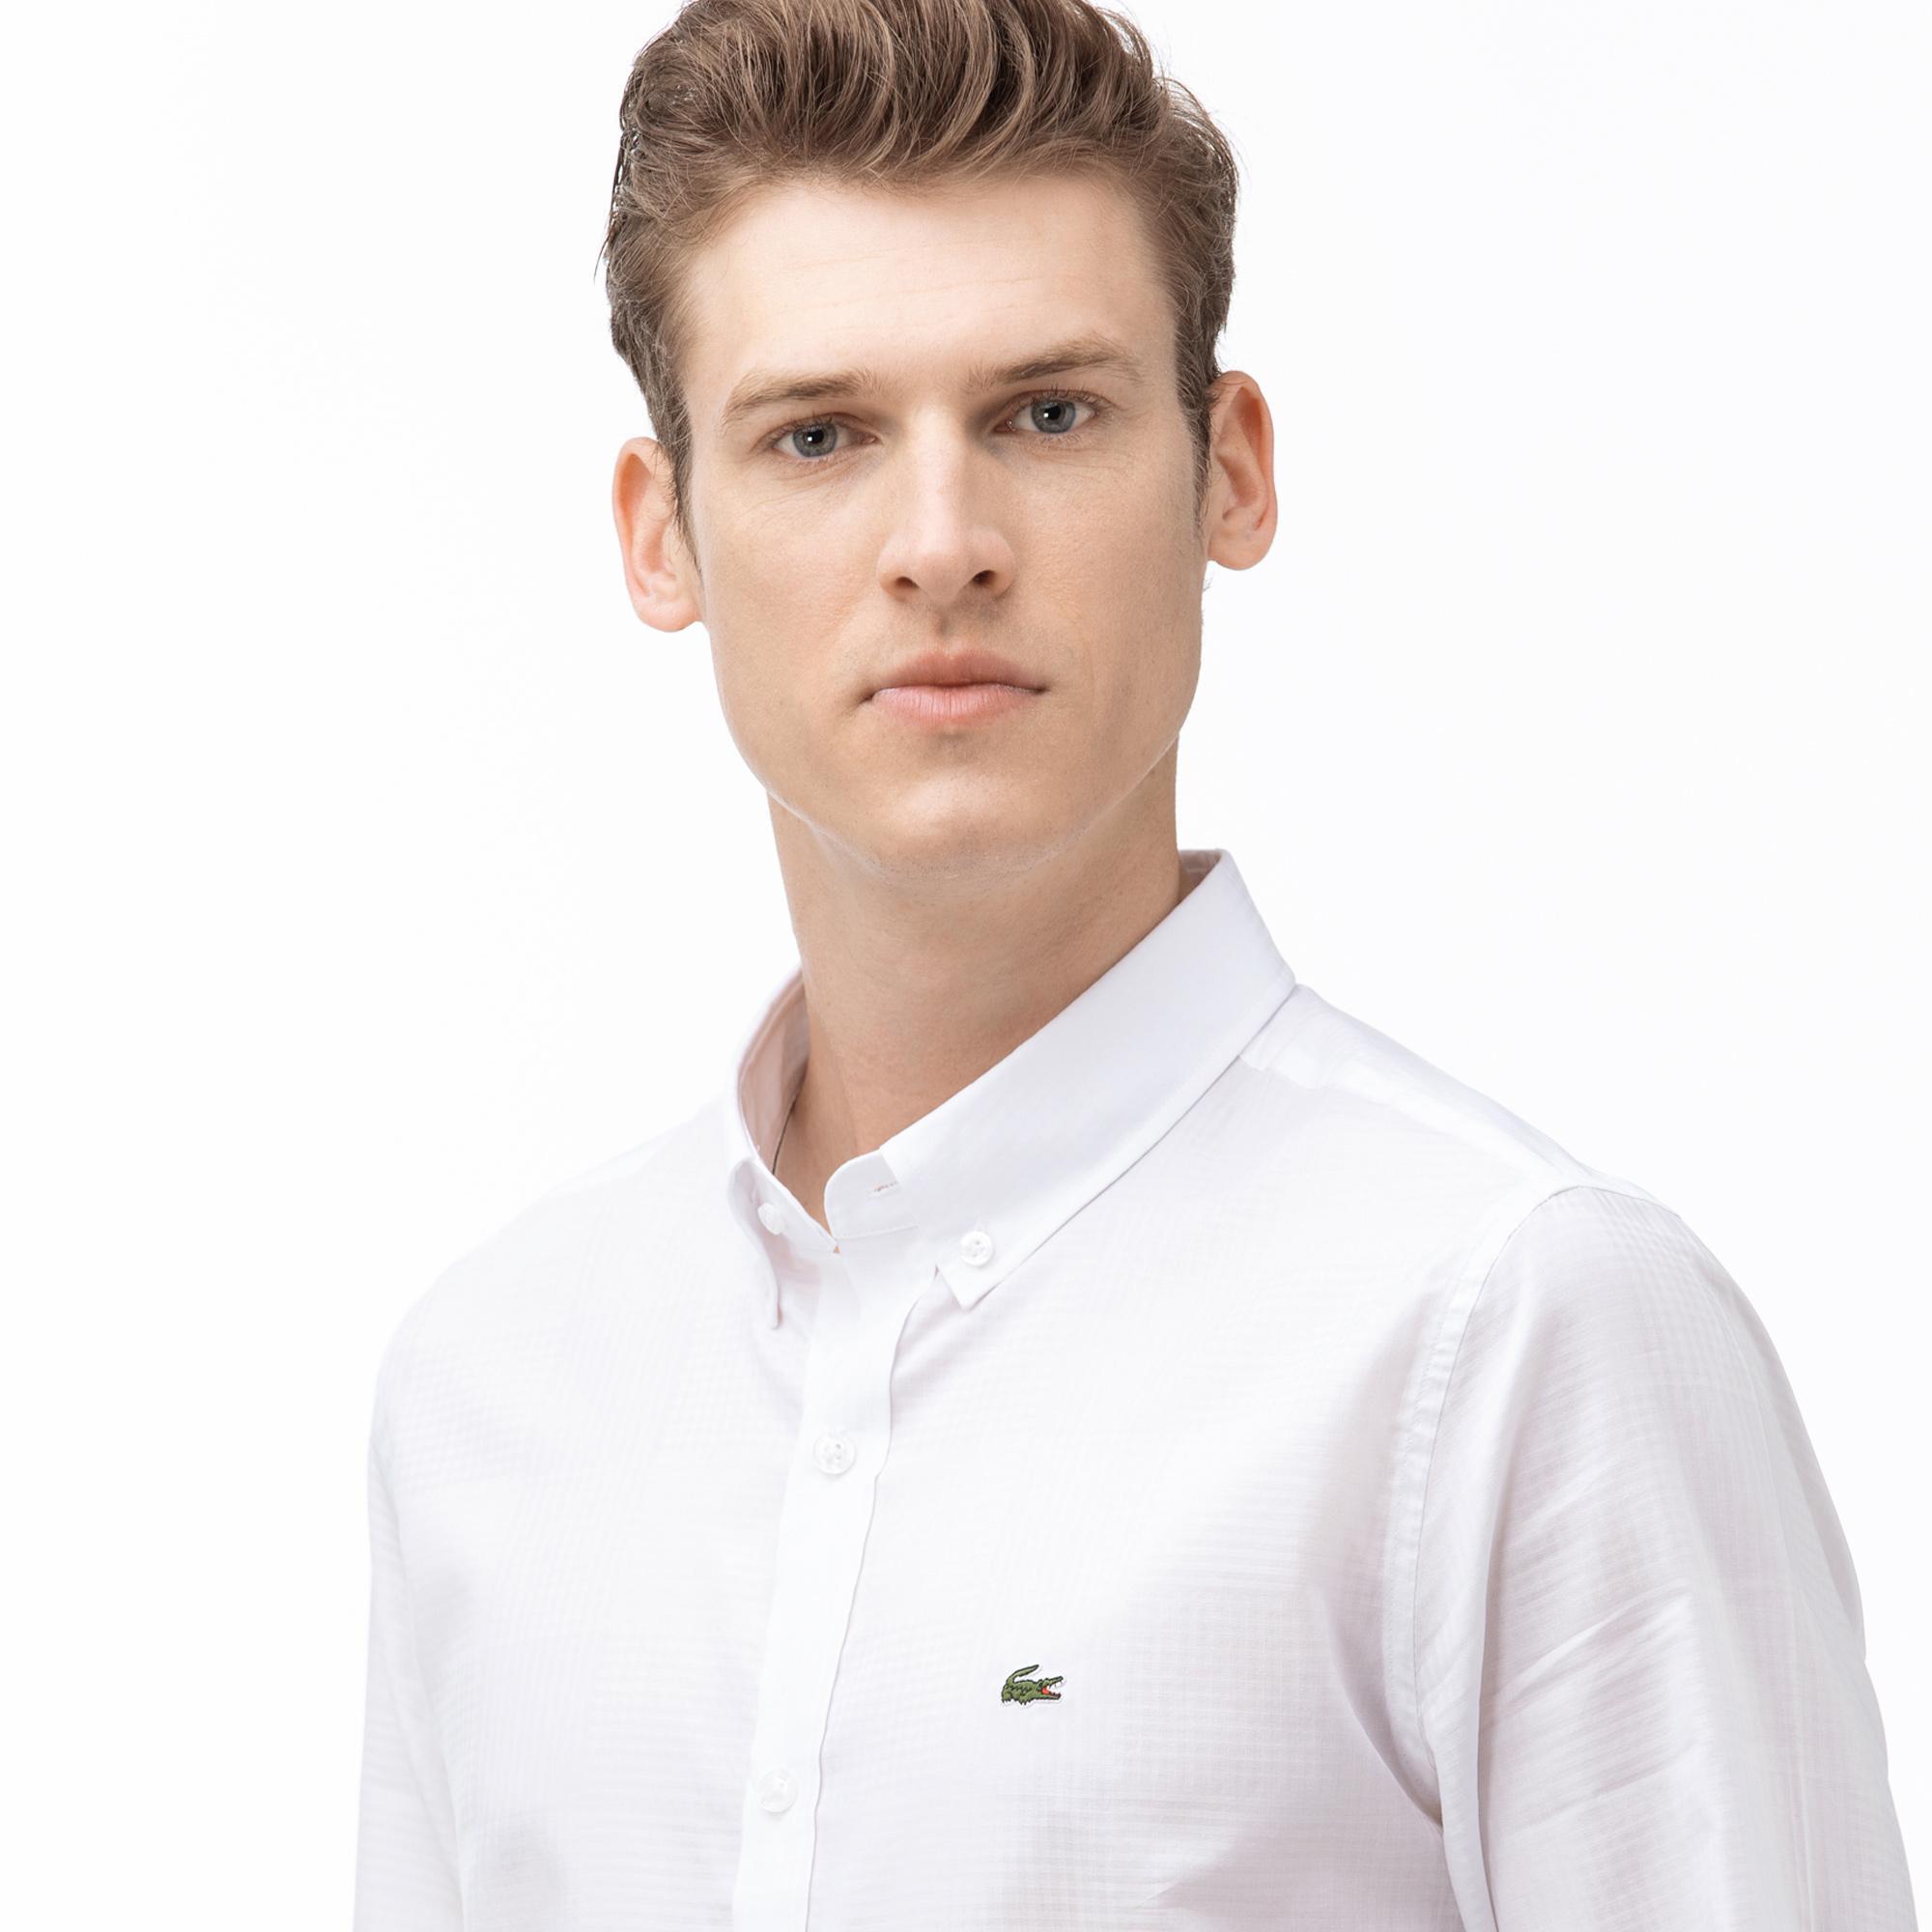 Lacoste Erkek Slim Fit Düğmeli Yaka Ekose Desenli Beyaz Gömlek